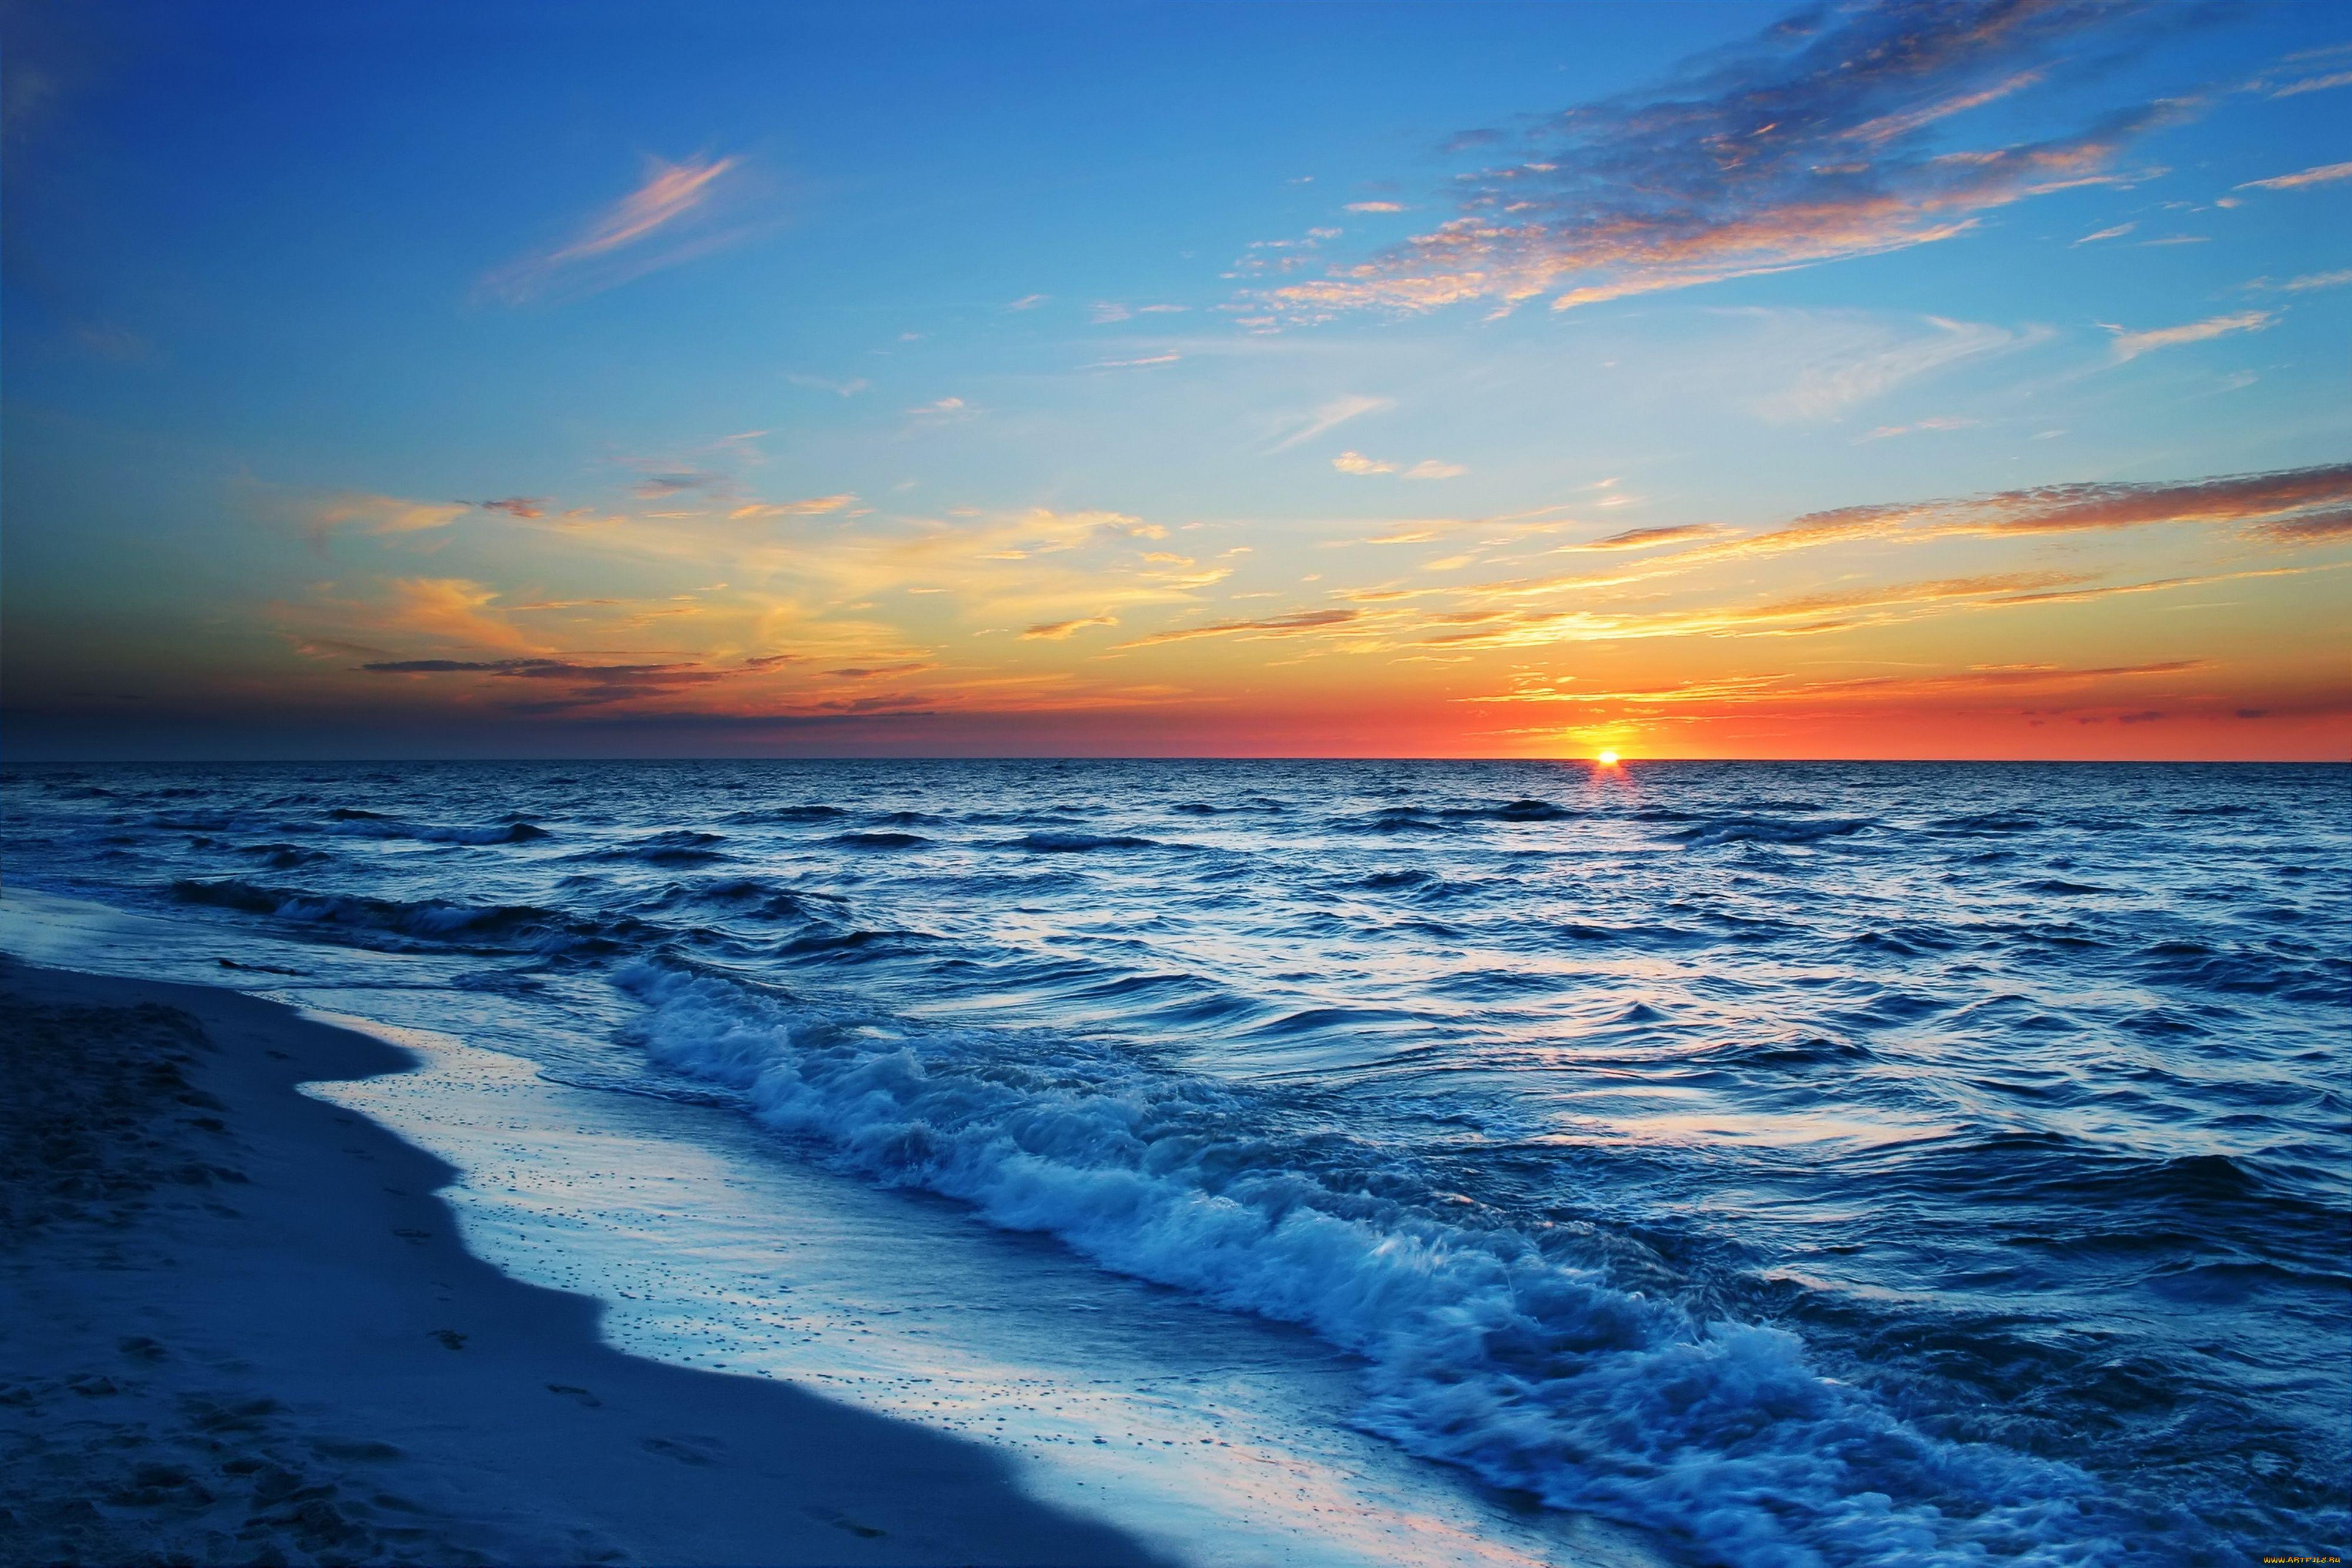 там фото море океан пляж евреев могут быть